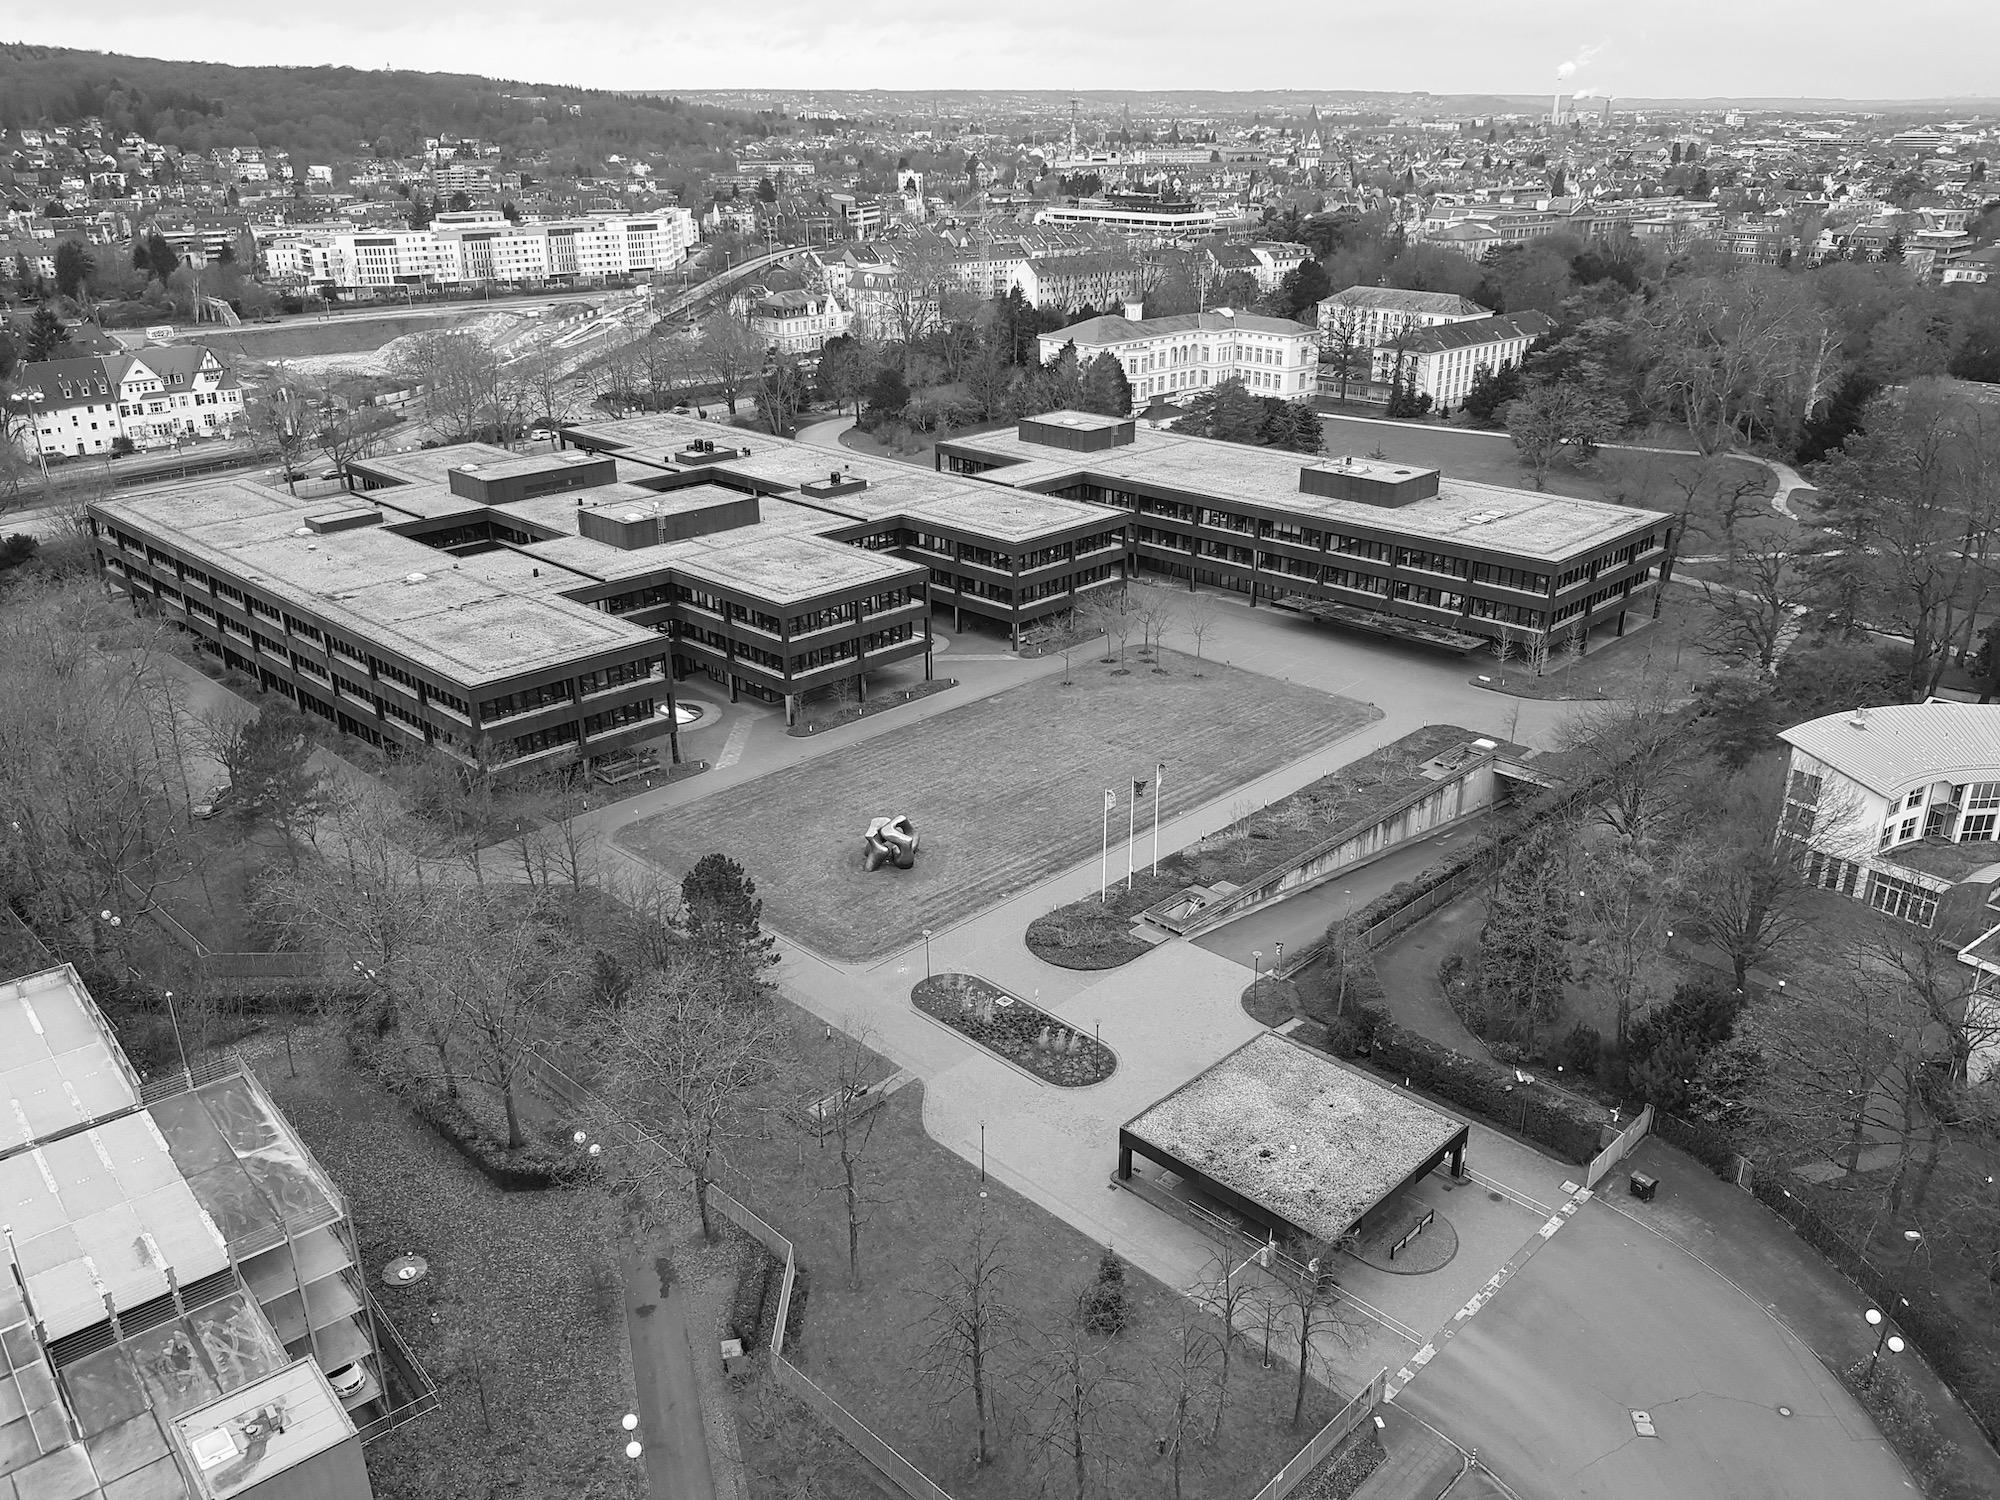 Altes Bundeskanzleramt, Bonn